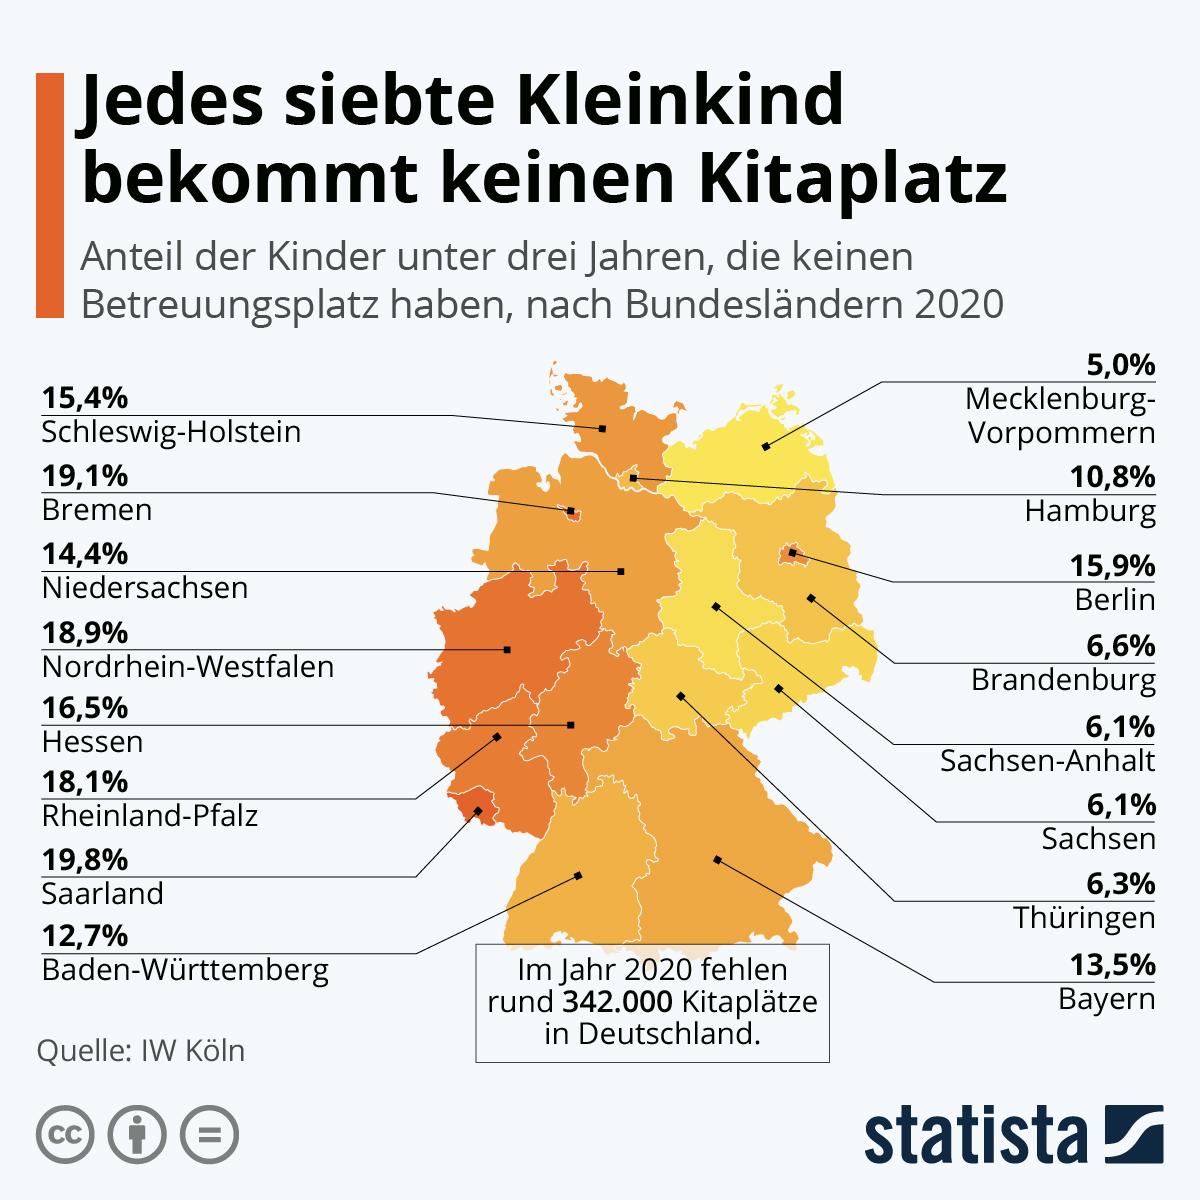 Infografik: Jedes siebte Kleinkind bekommt keinen Kitaplatz   Statista